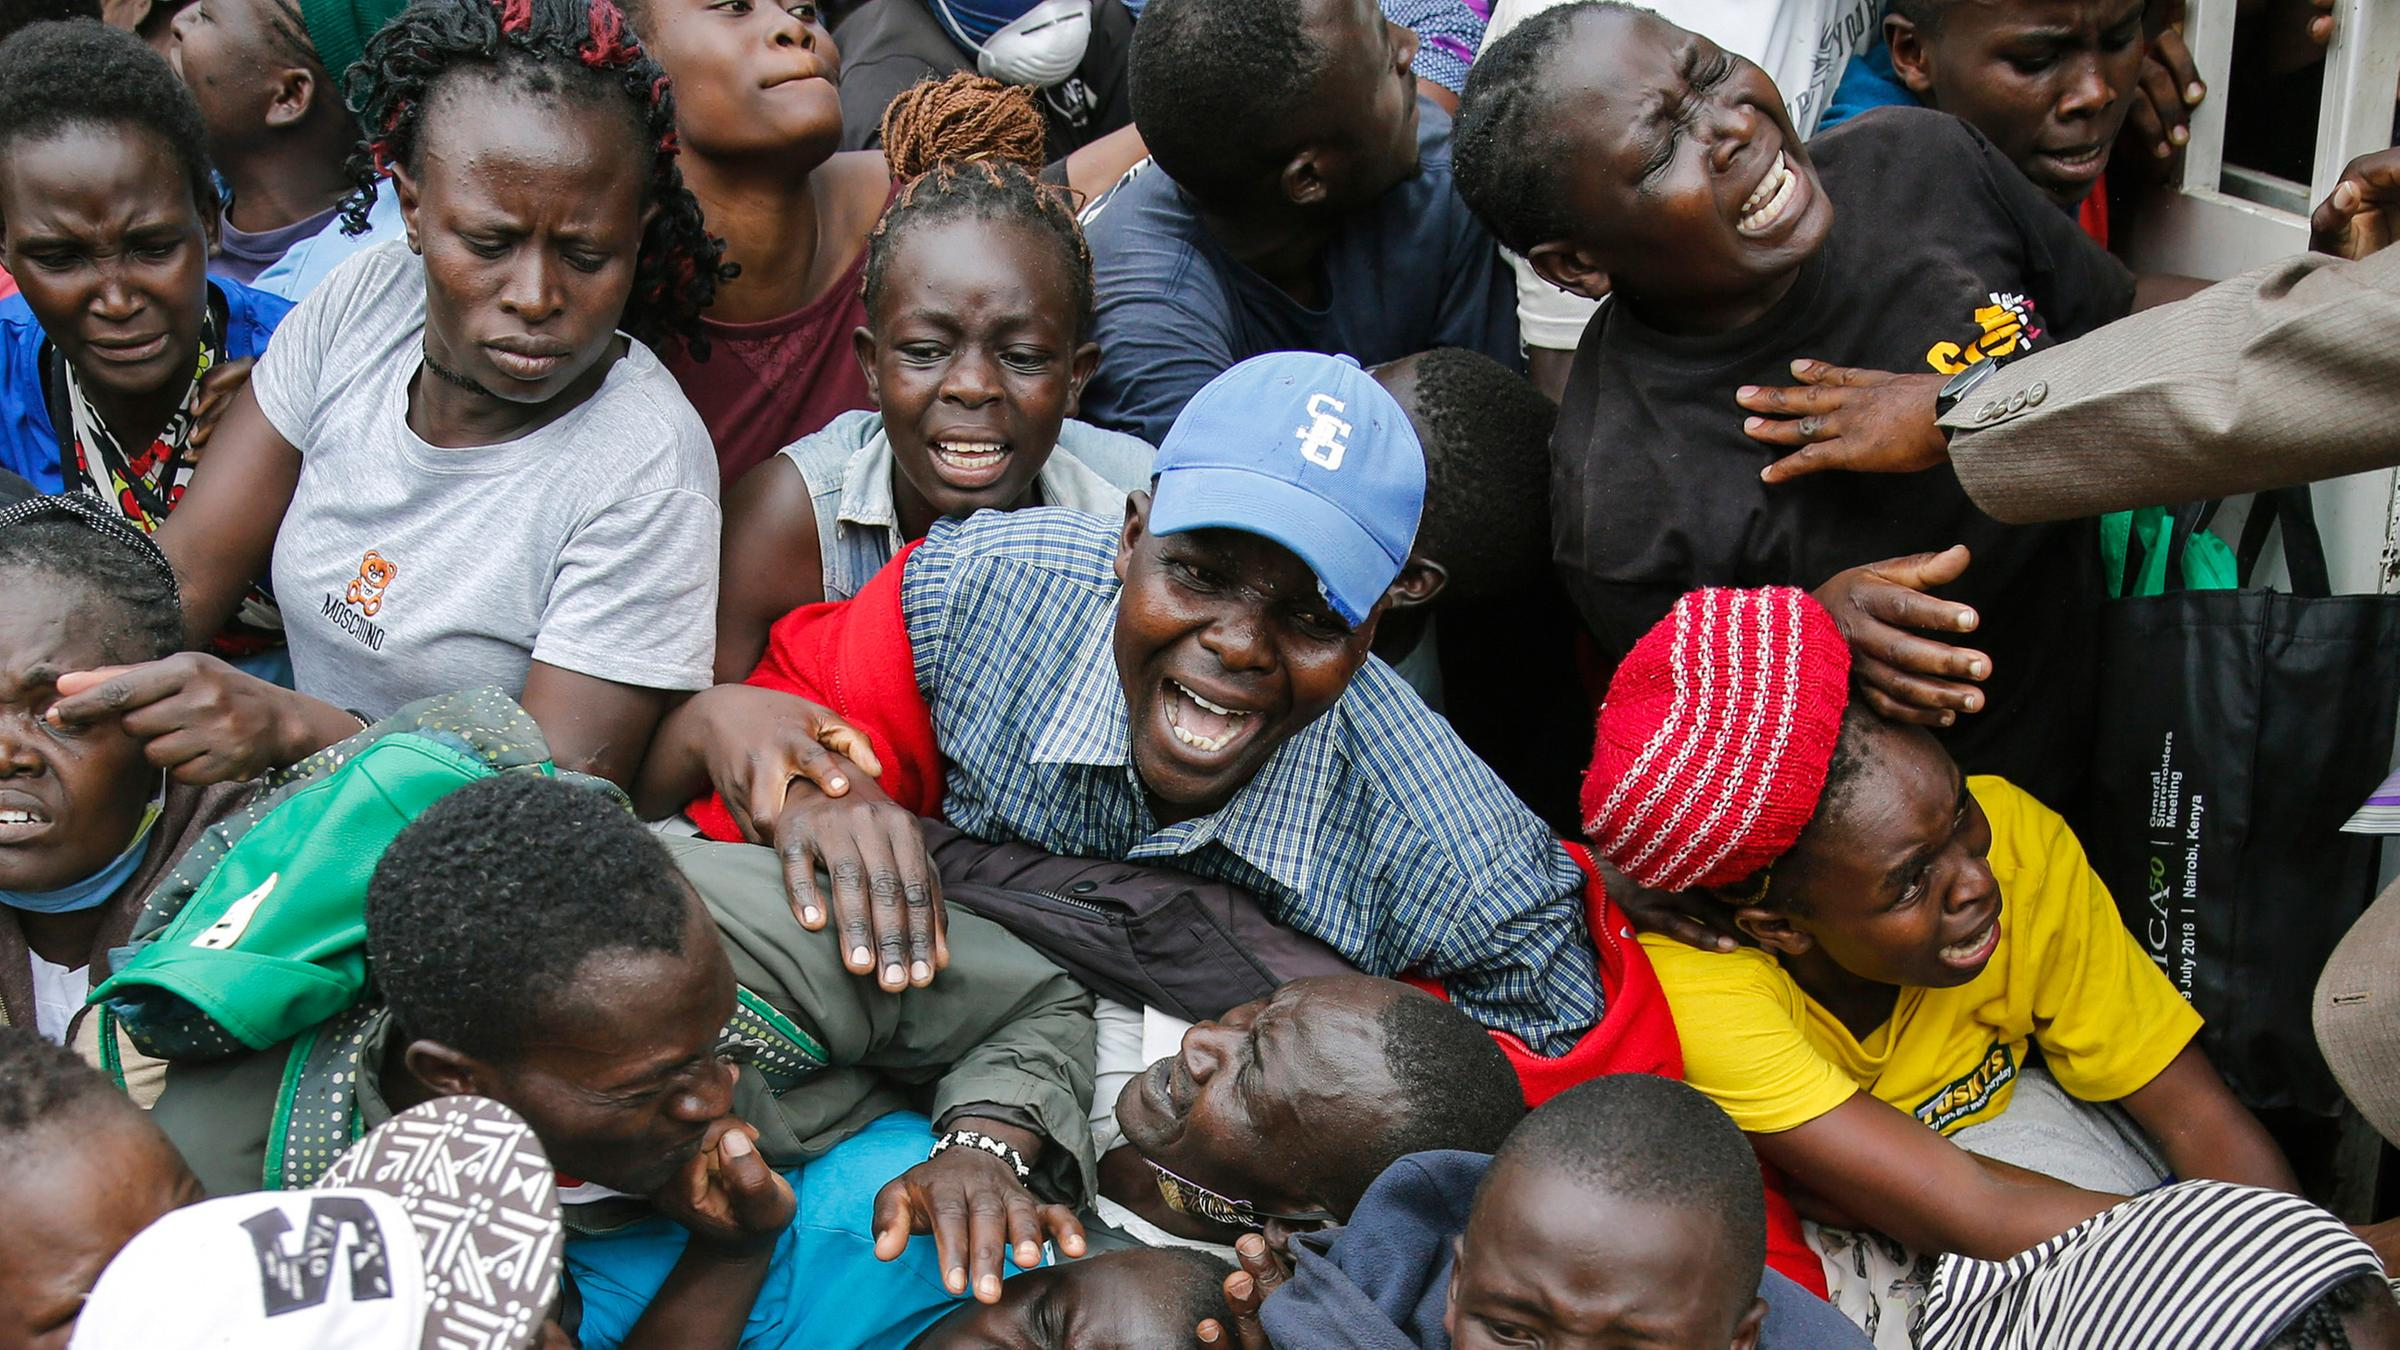 Archiv: Bewohner drängen durch ein Tor, während einer geplanten Verteilung von Nahrungsmitteln, aufgenommen am 10.04.2020 in Kenia, Nairobi.